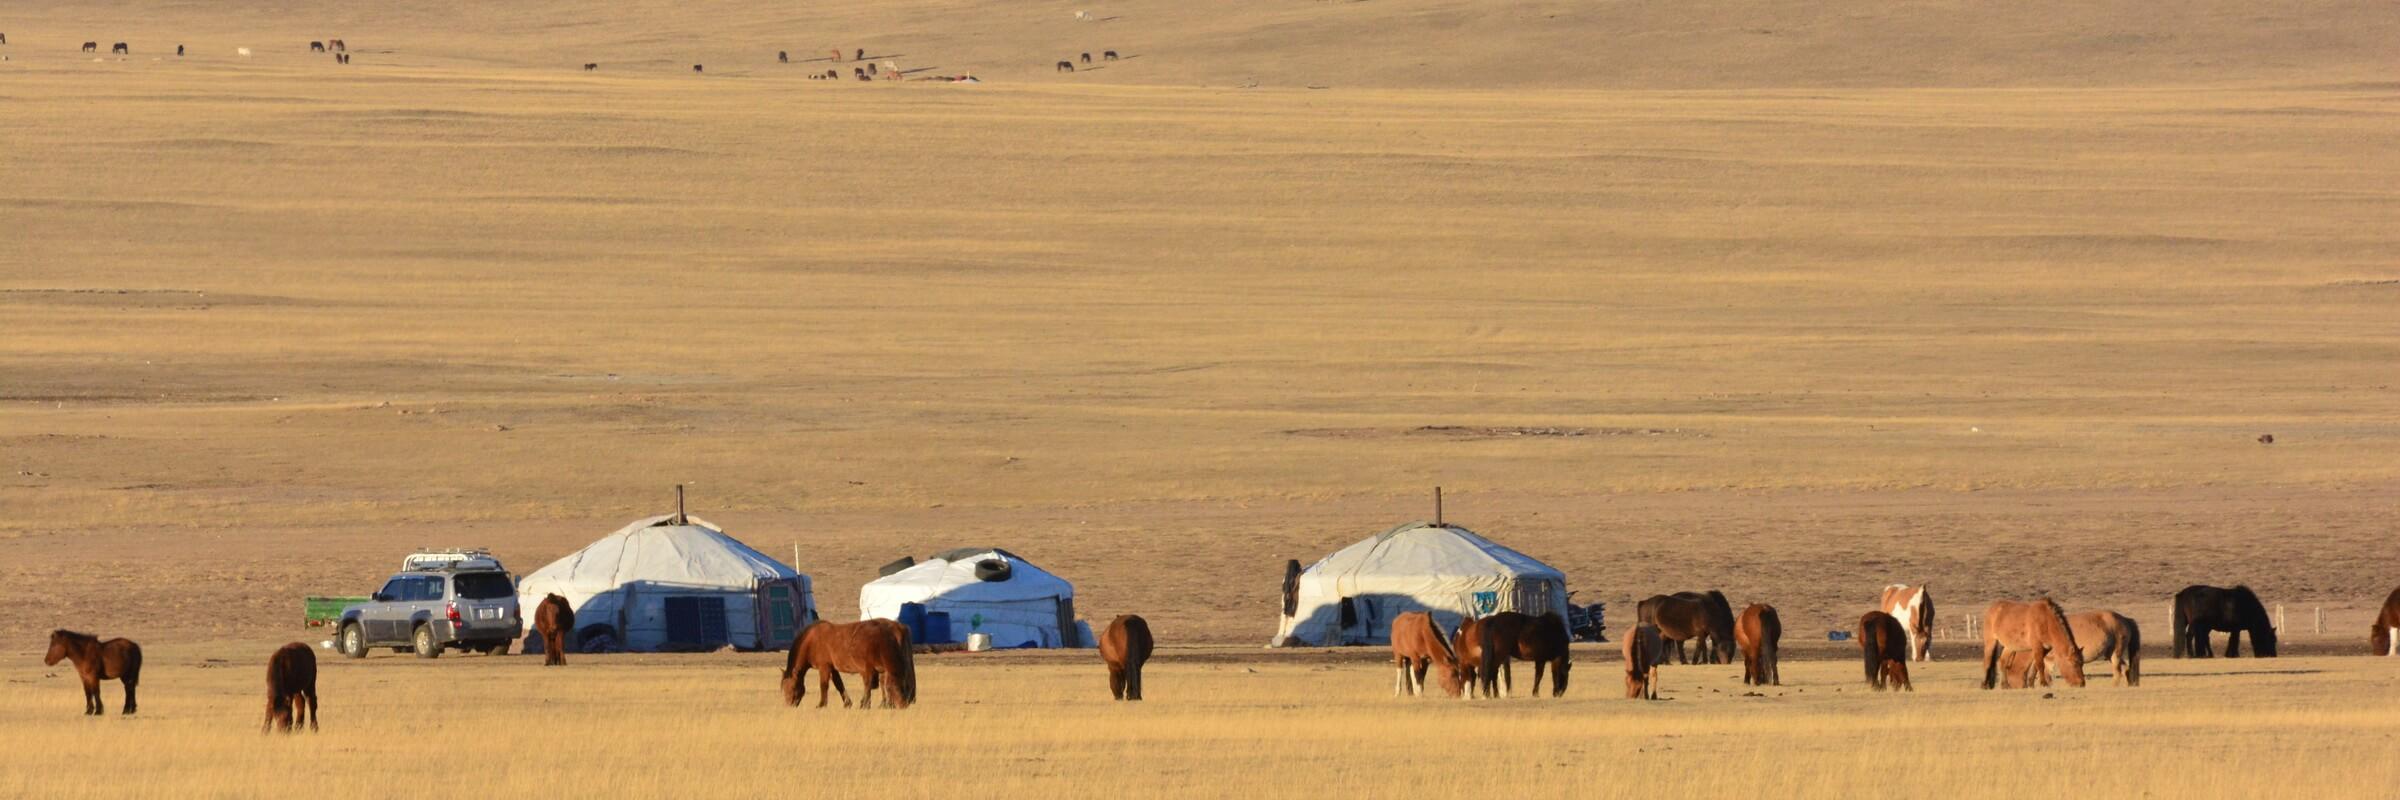 Ein großer Teil der mongolischen Bevölkerung besteht aus Nomaden, die mit ihren Jurten durch das Land ziehen, viele verdienen ihren Lebensunterhalt mit der Pferdezucht.